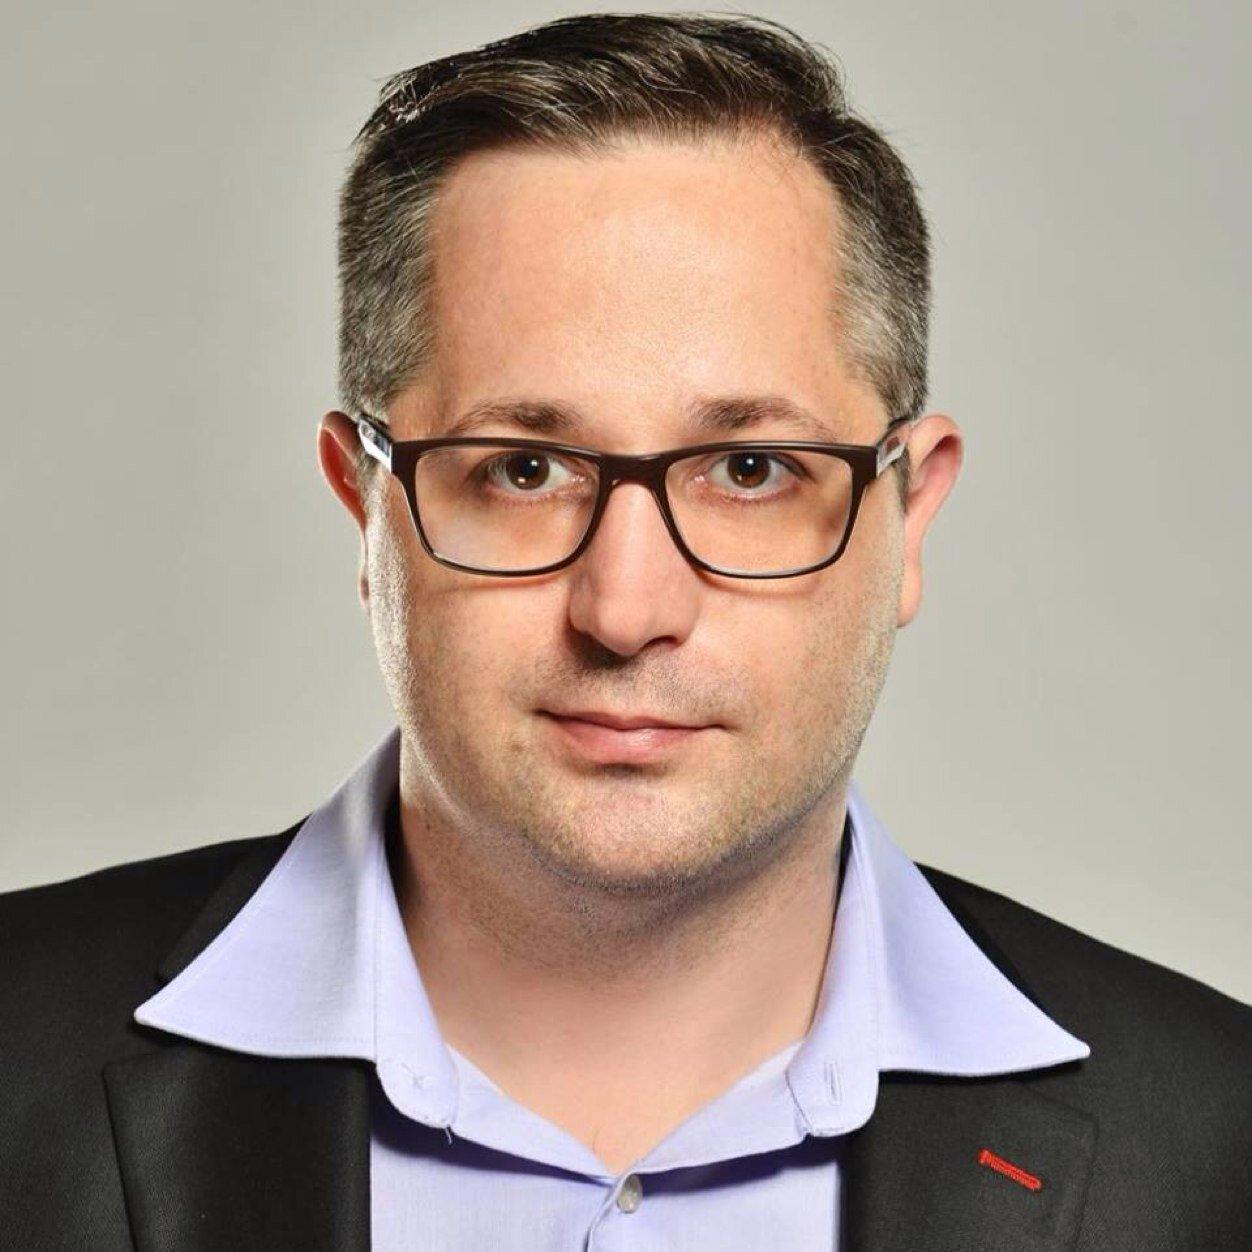 David Turek